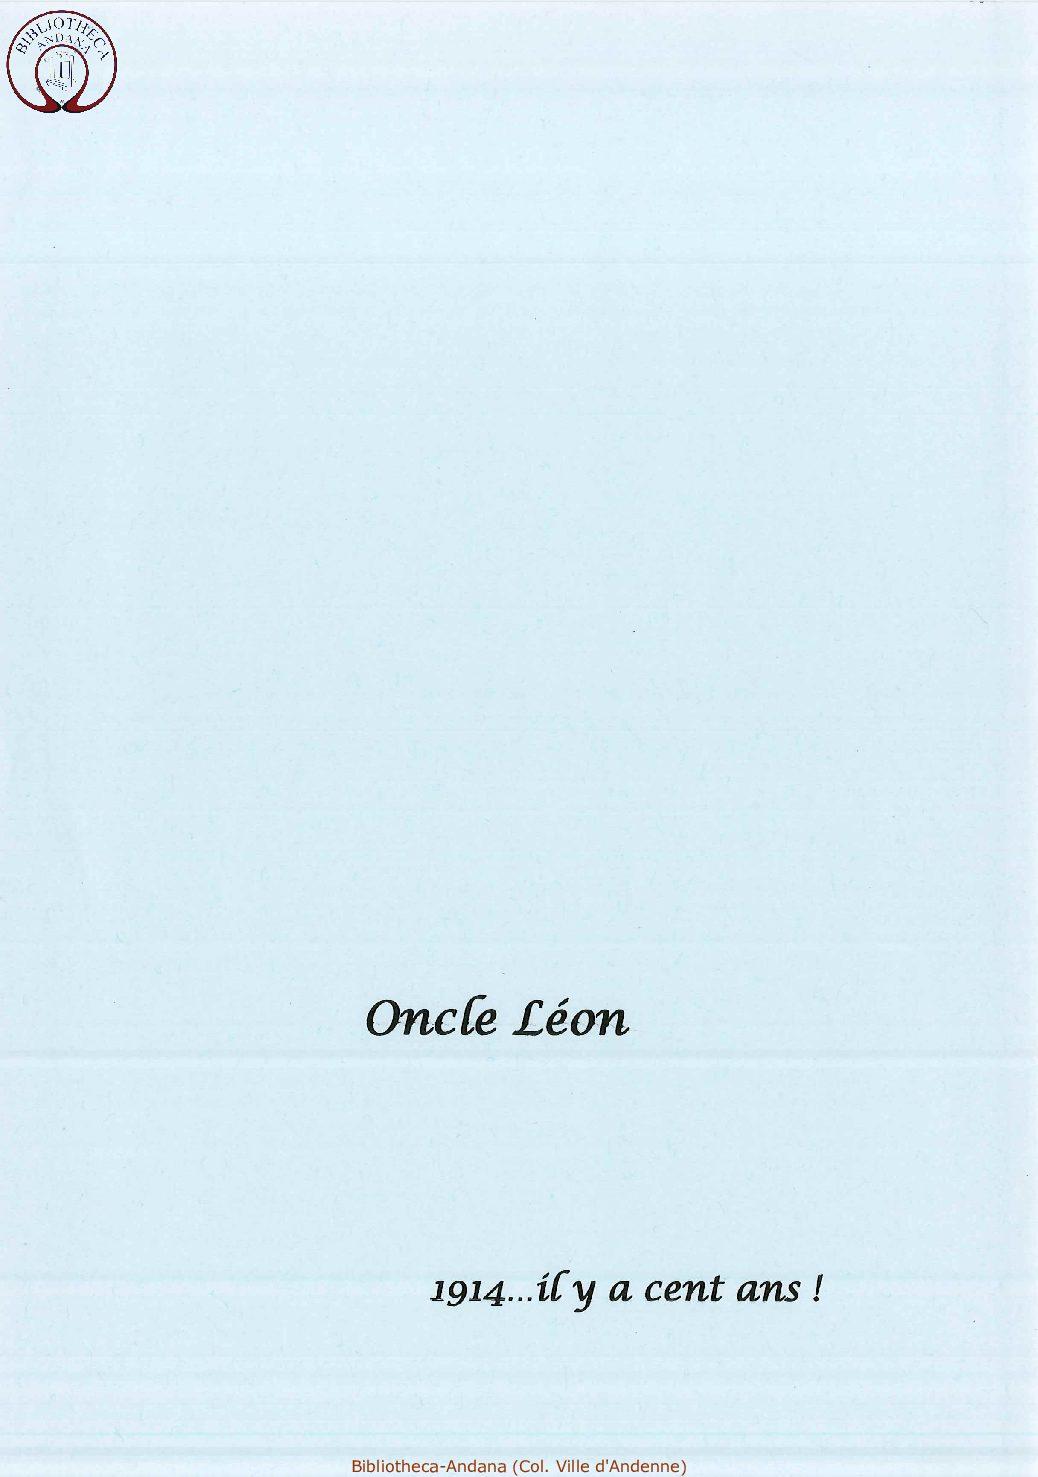 Oncle Leon 1914 ... il y a cent ans.